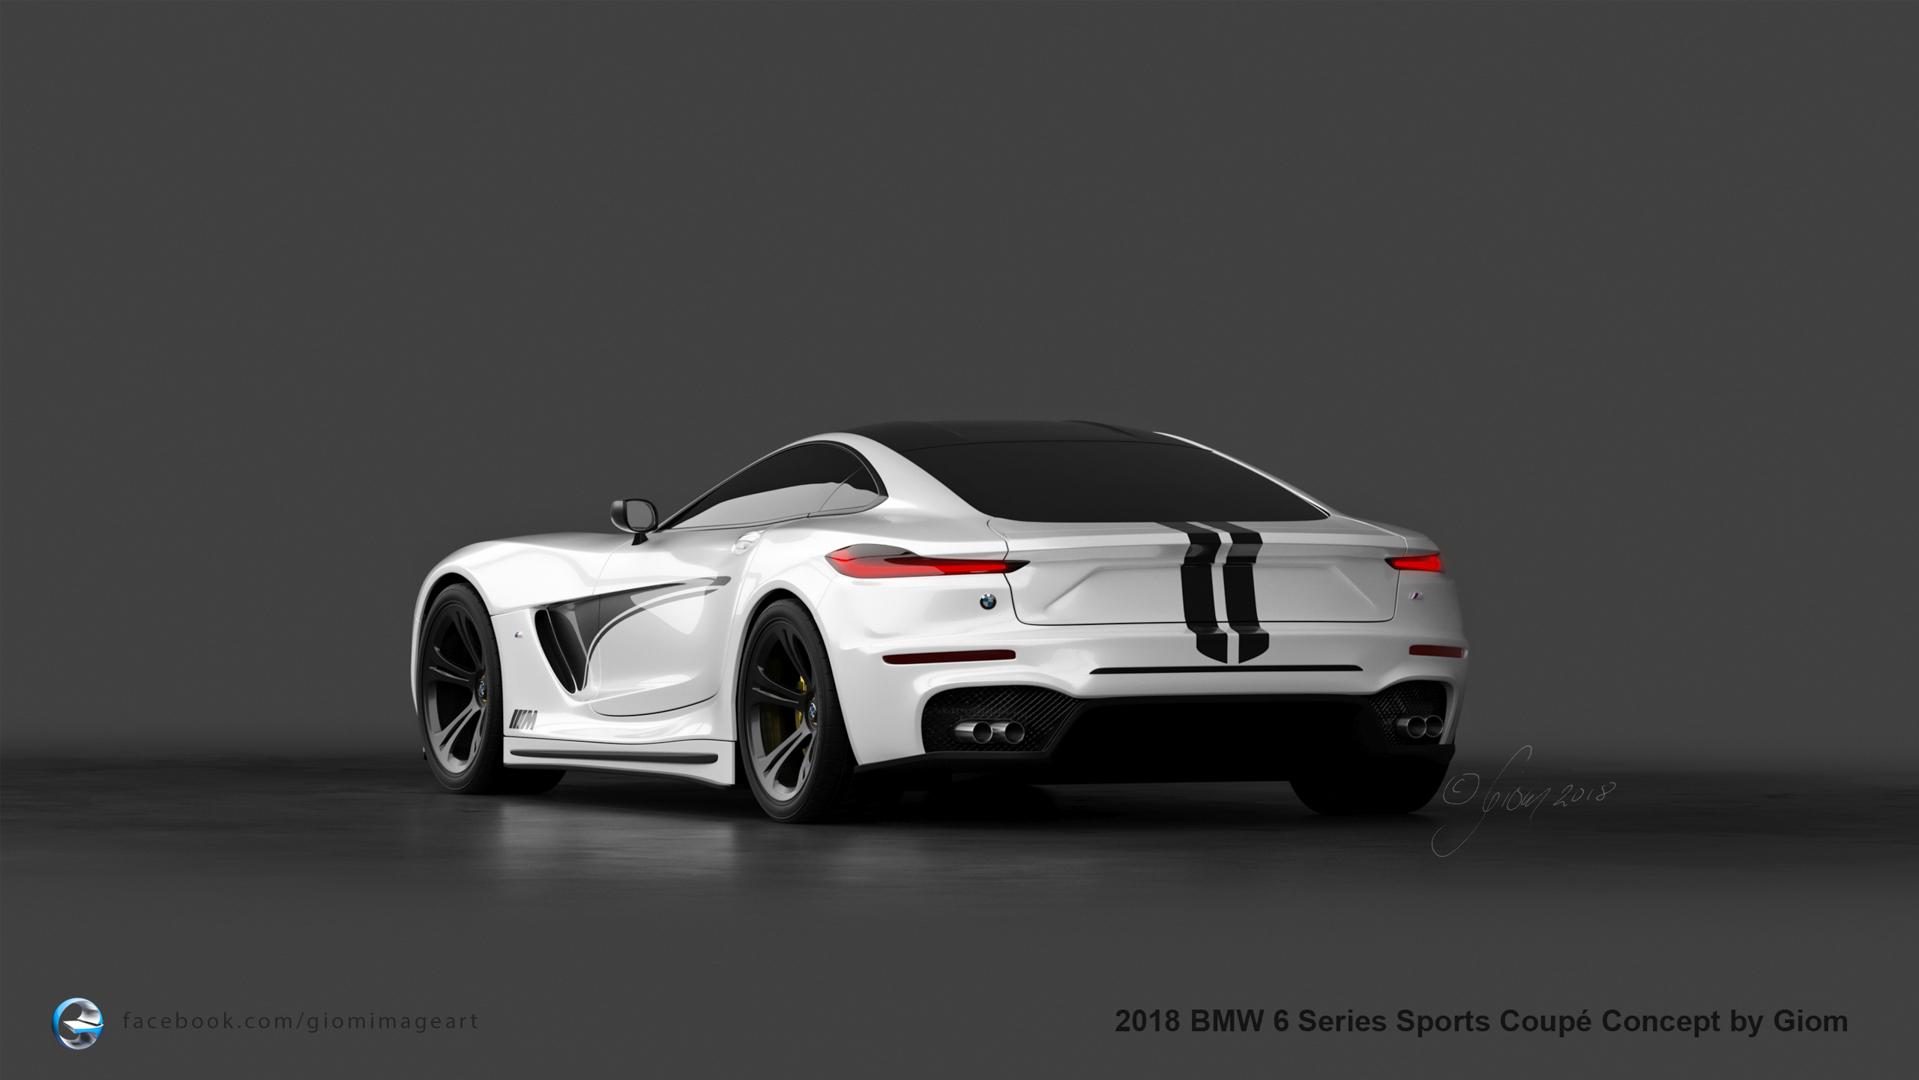 BMW 6 Series Render 9 of 9